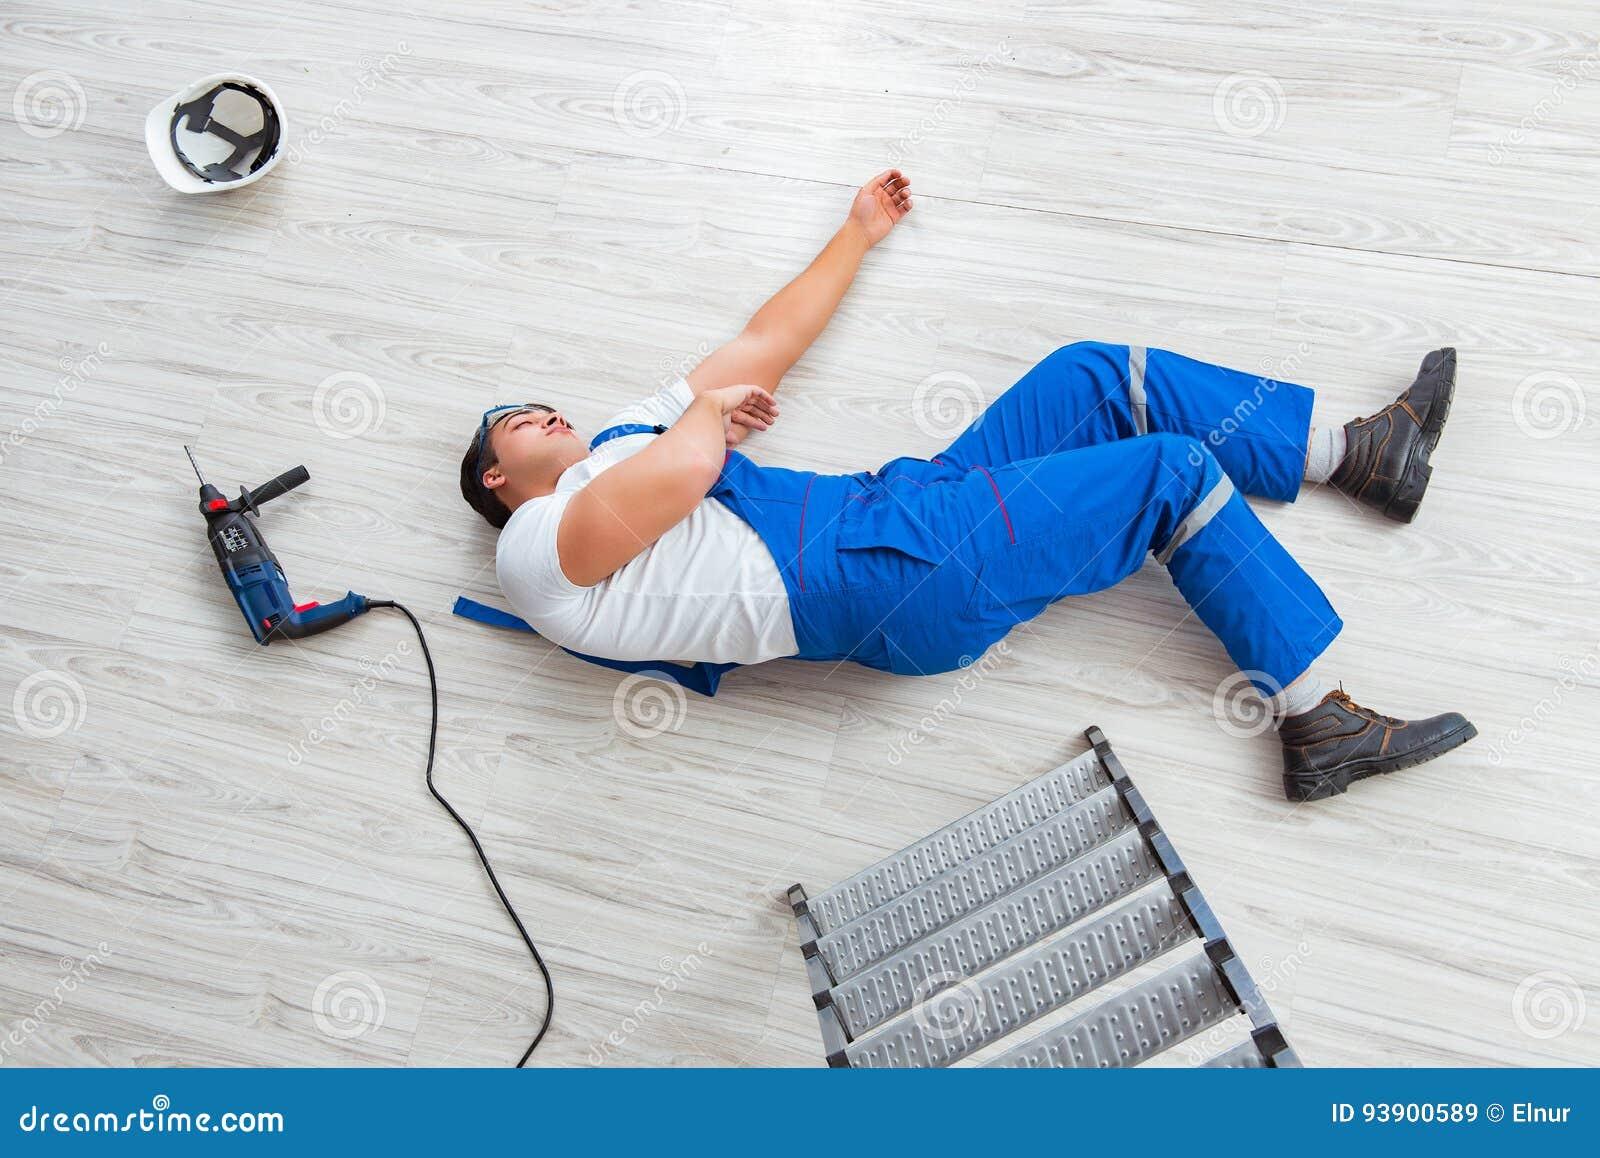 Arbetaren, når att ha fallit från höjd - osäkert uppförande